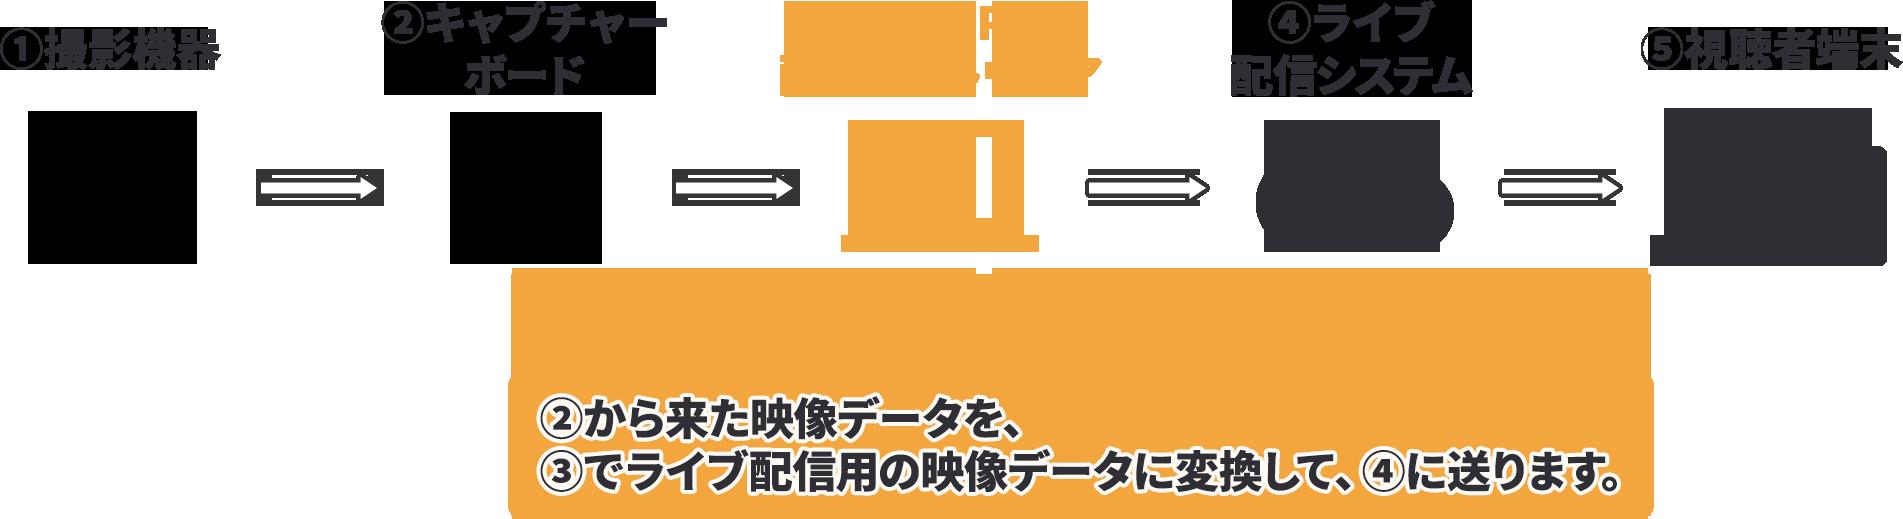 配信ソフトウェア